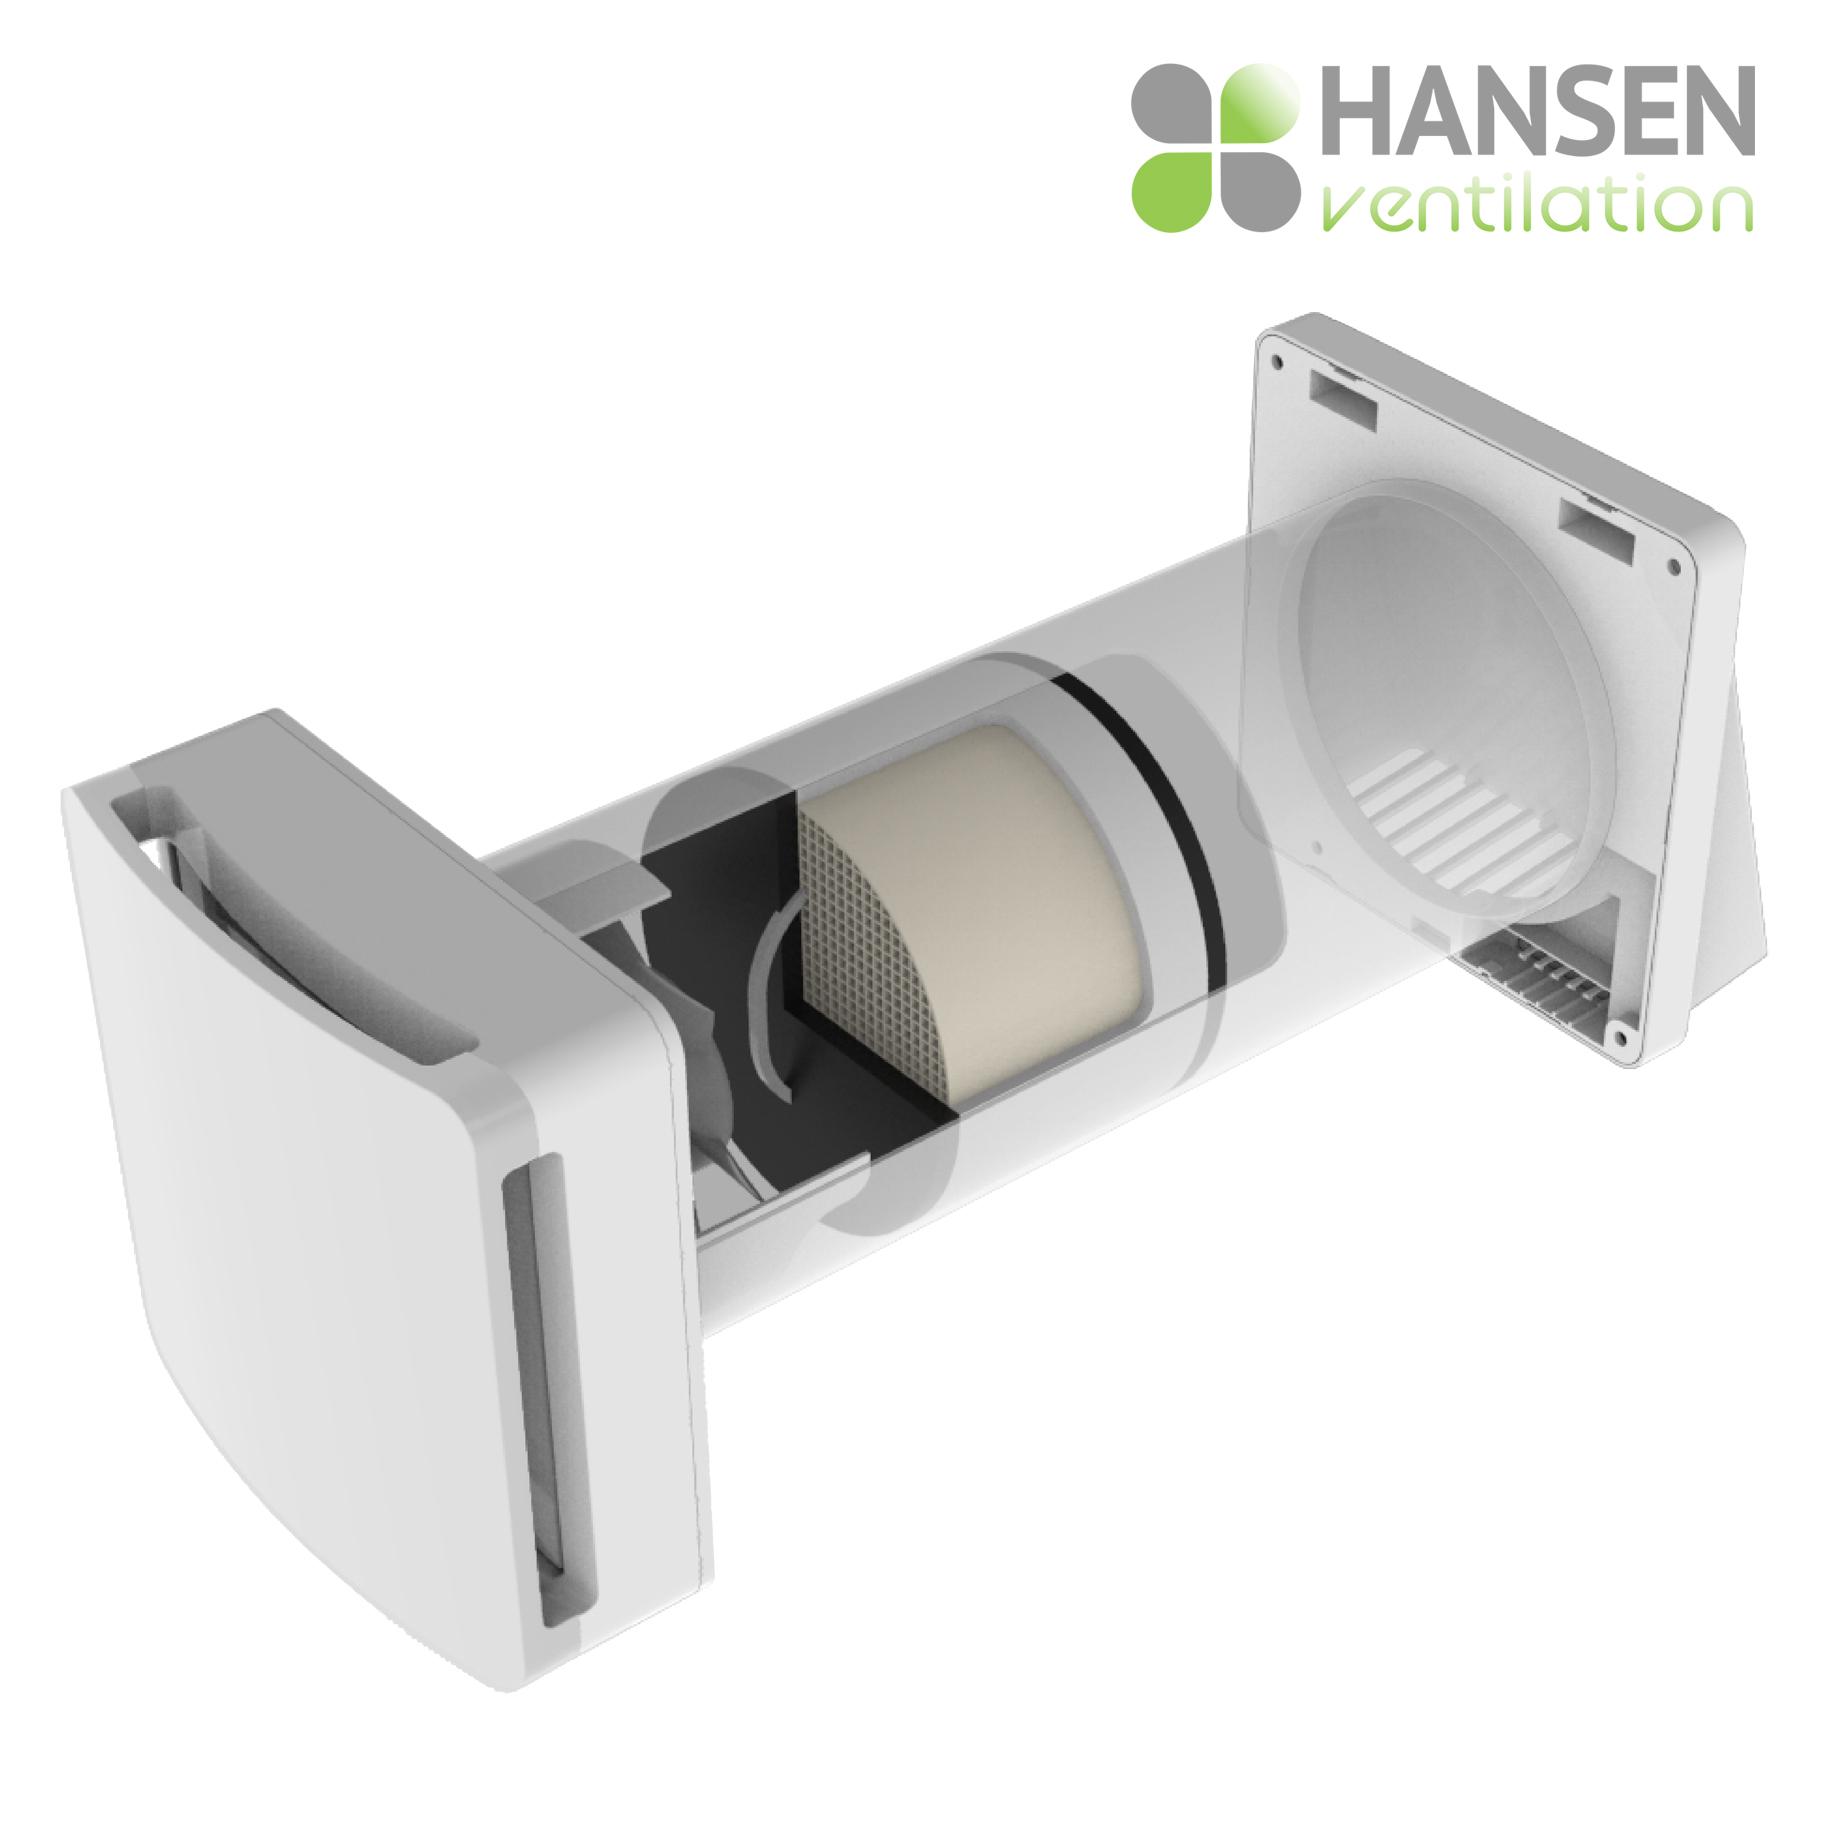 HANSEN ECO Active 100 rekuperator lokalno prezračevanje